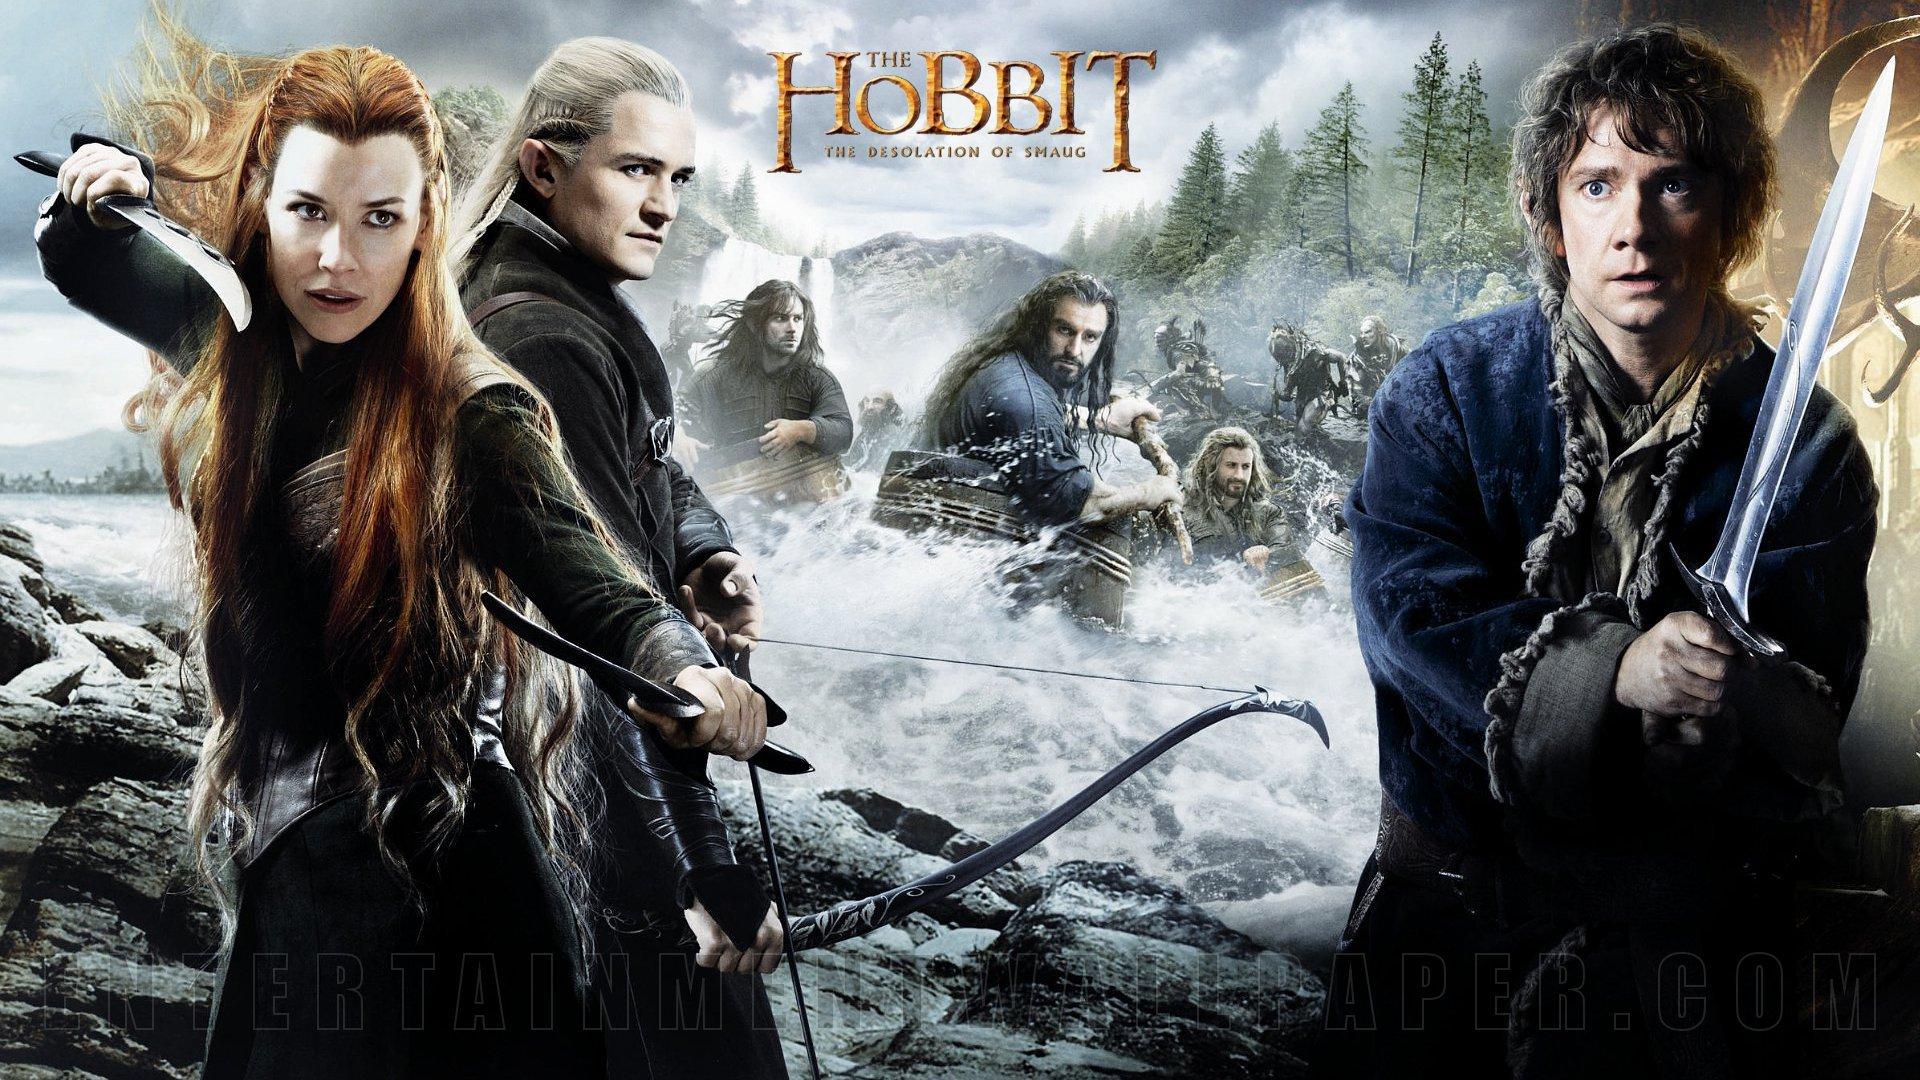 The Hobbit The Battle of The Five Armies Desktop Backgrounds 1920x1080